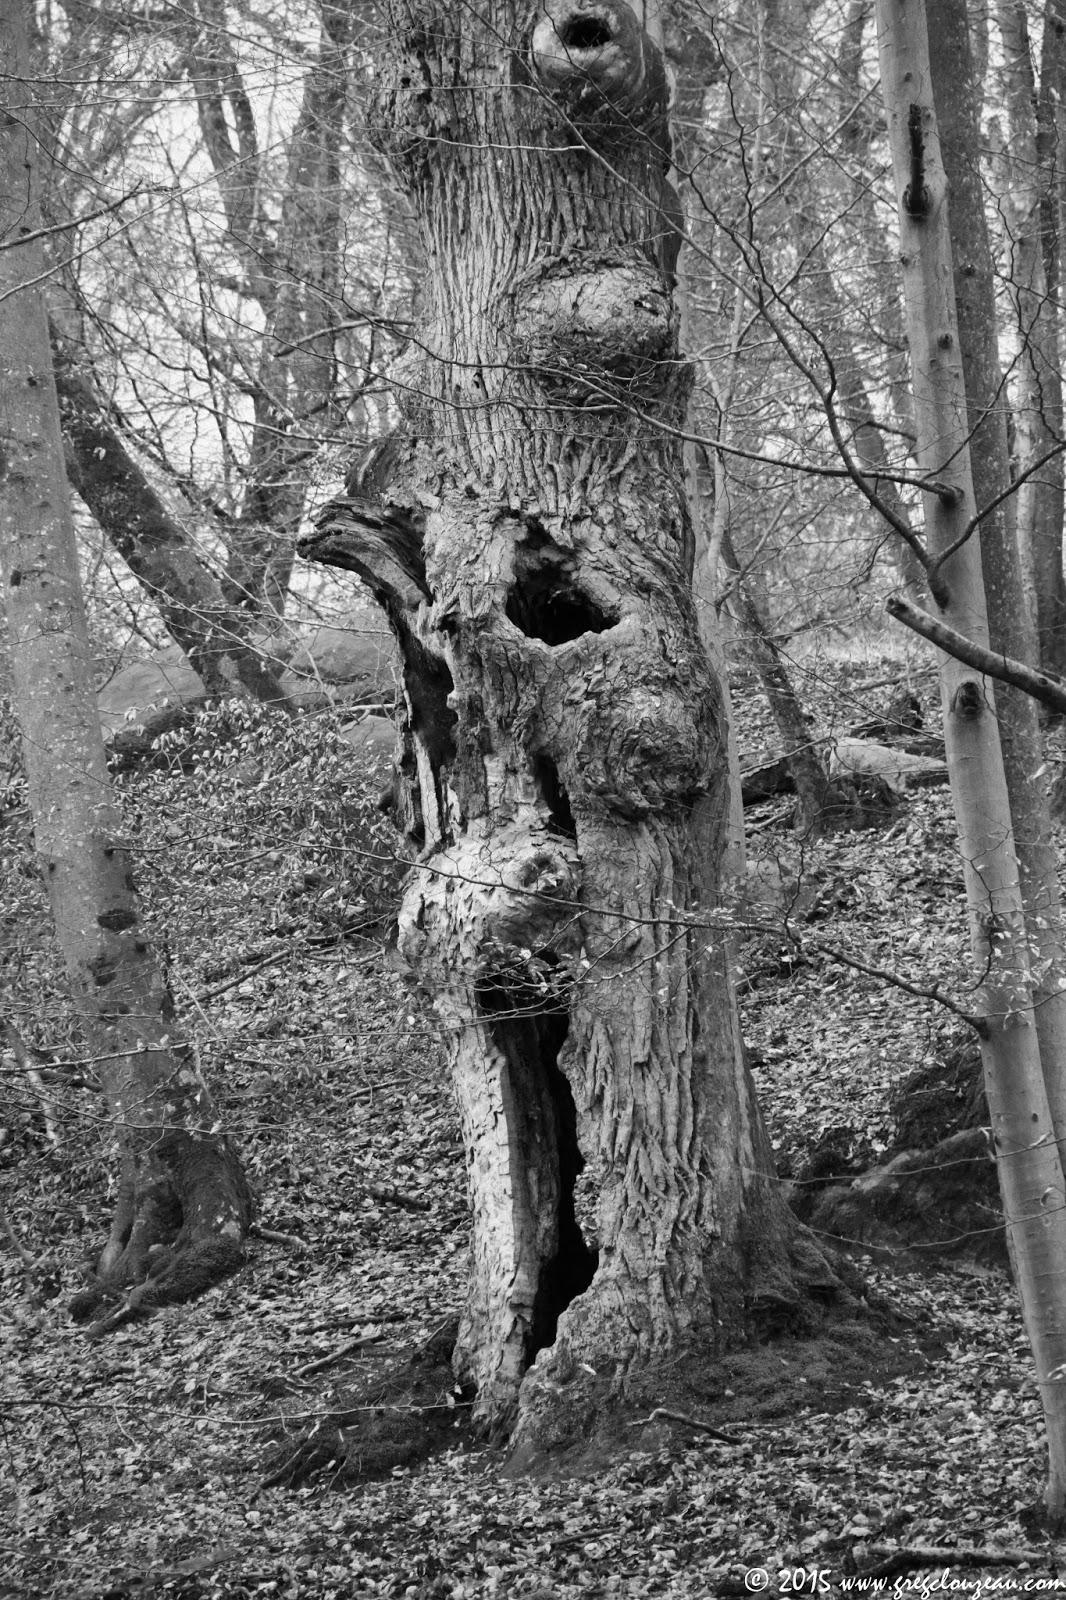 Bouh, chêne, Gorges d'Apremont, Fontainebleau, (C) 2015 Greg Clouzeau